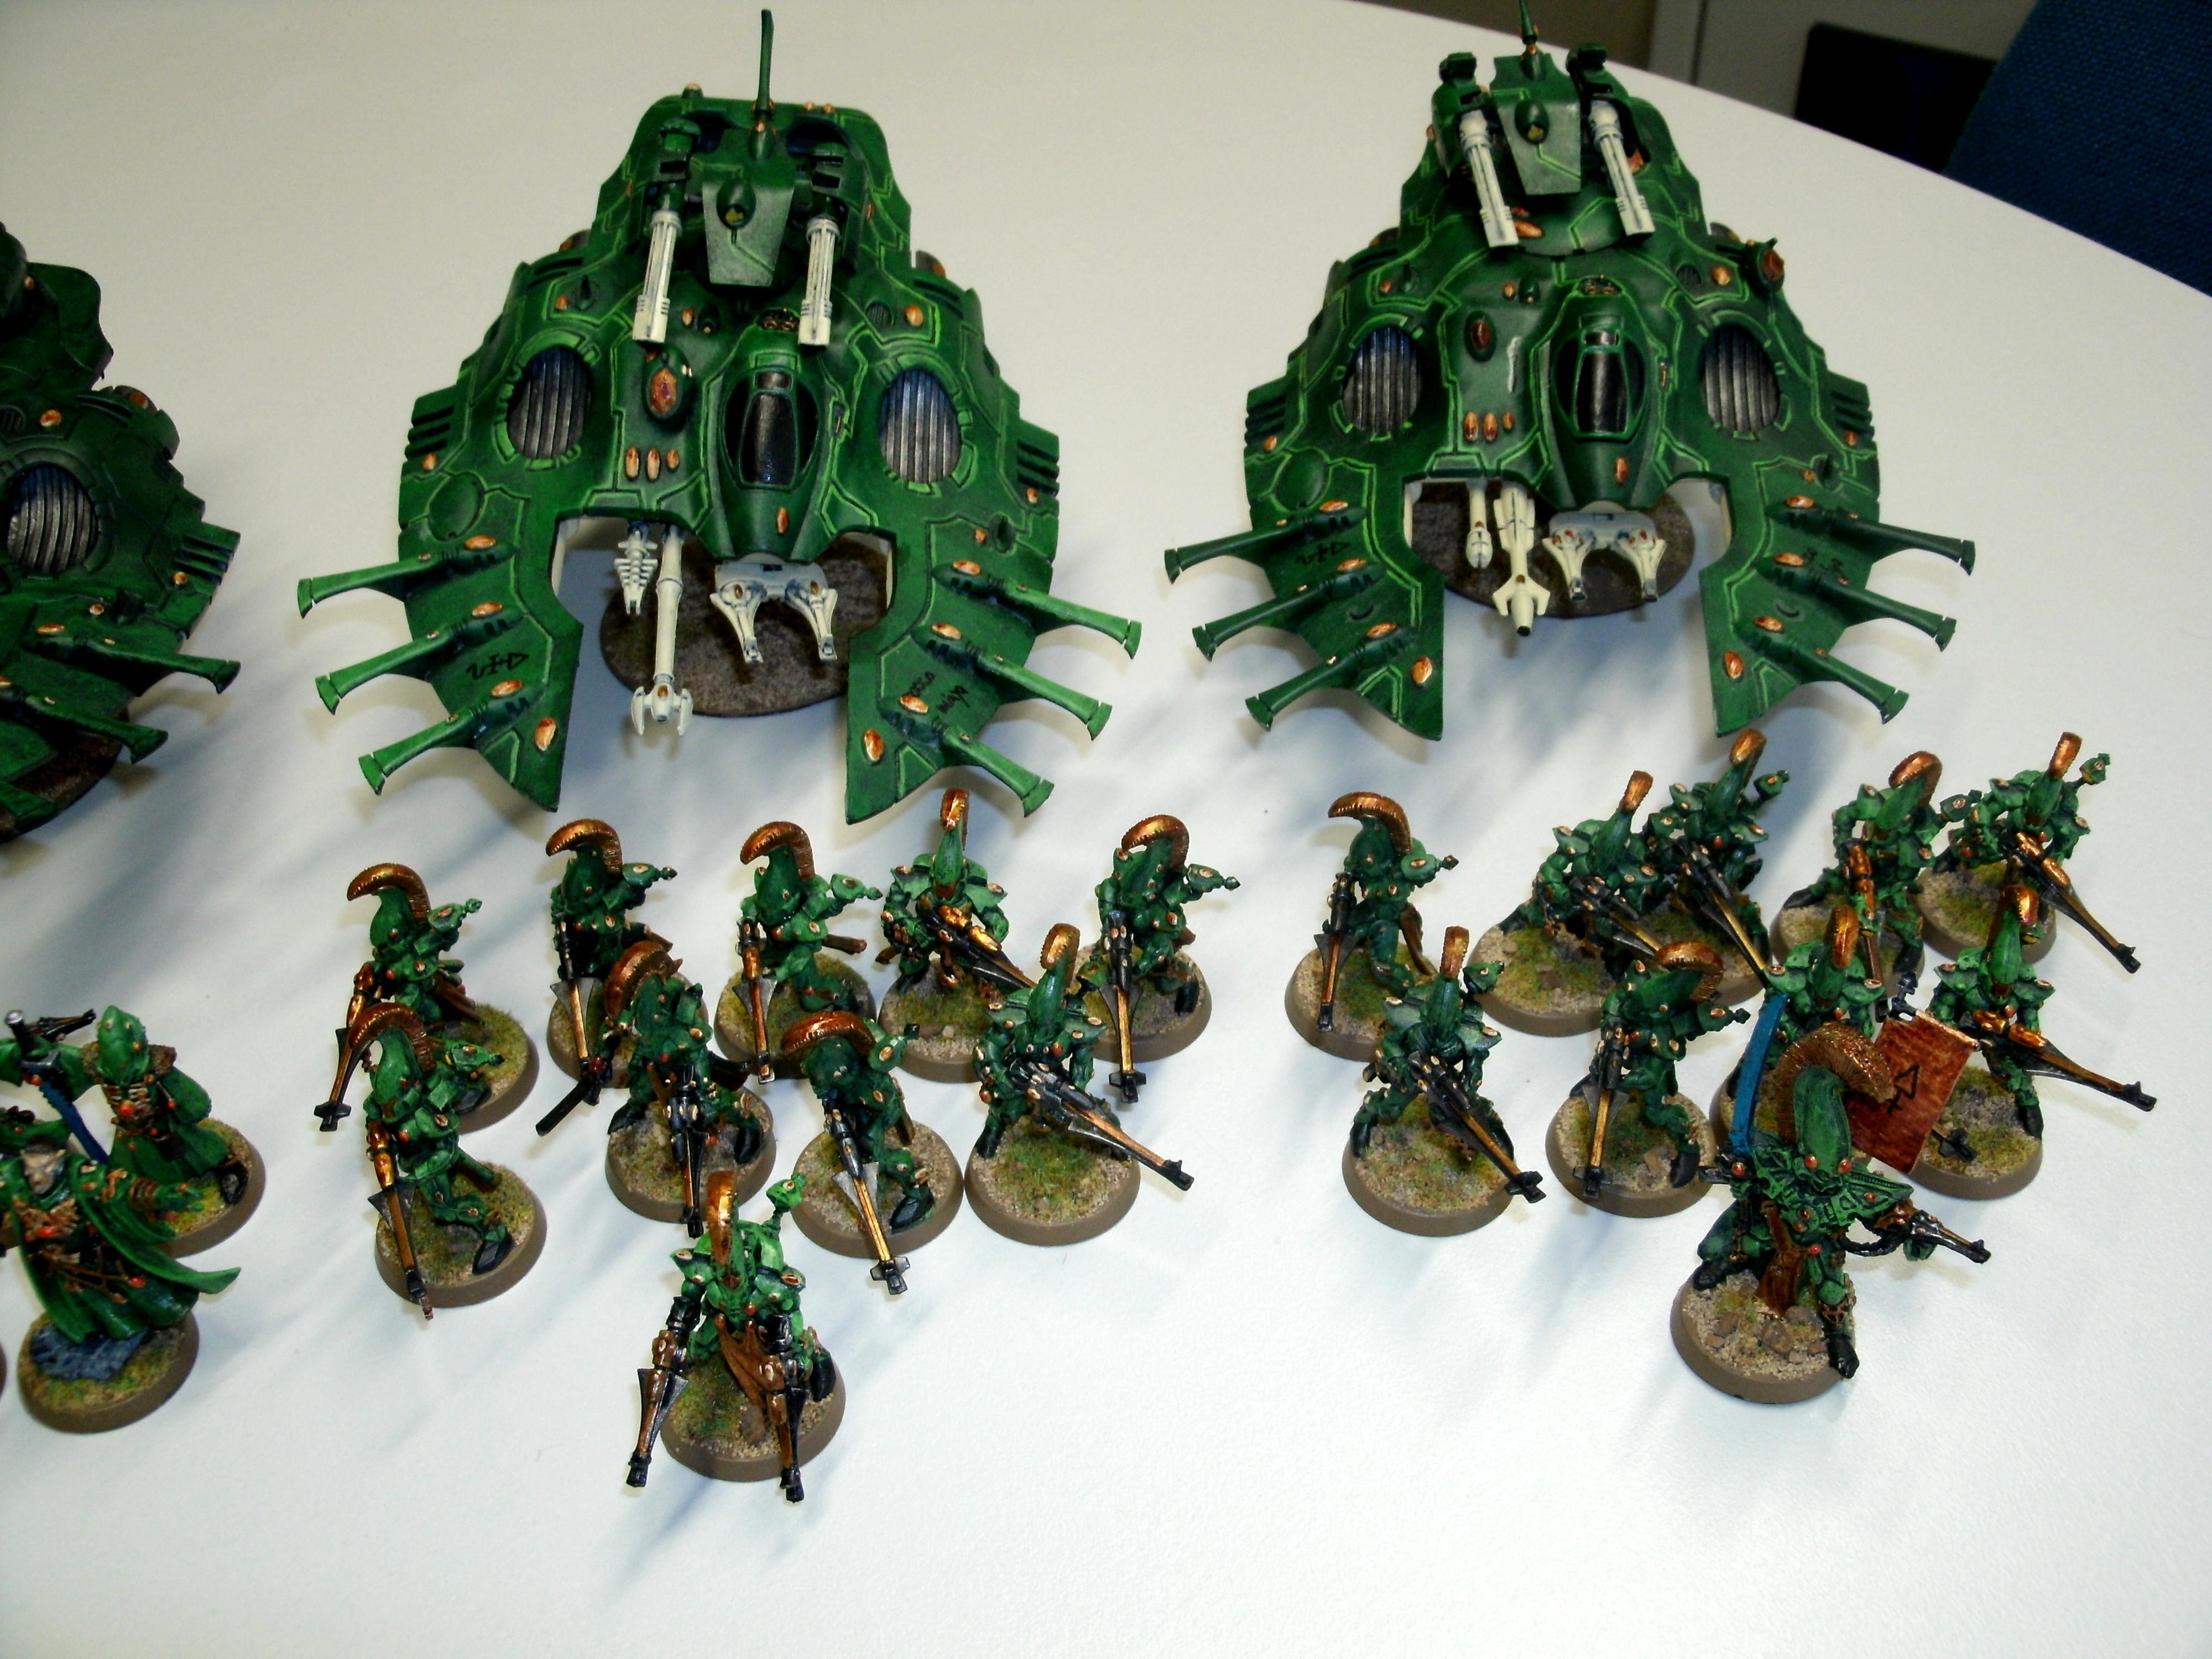 Army, Closeup, Eldar, Warhammer 40,000